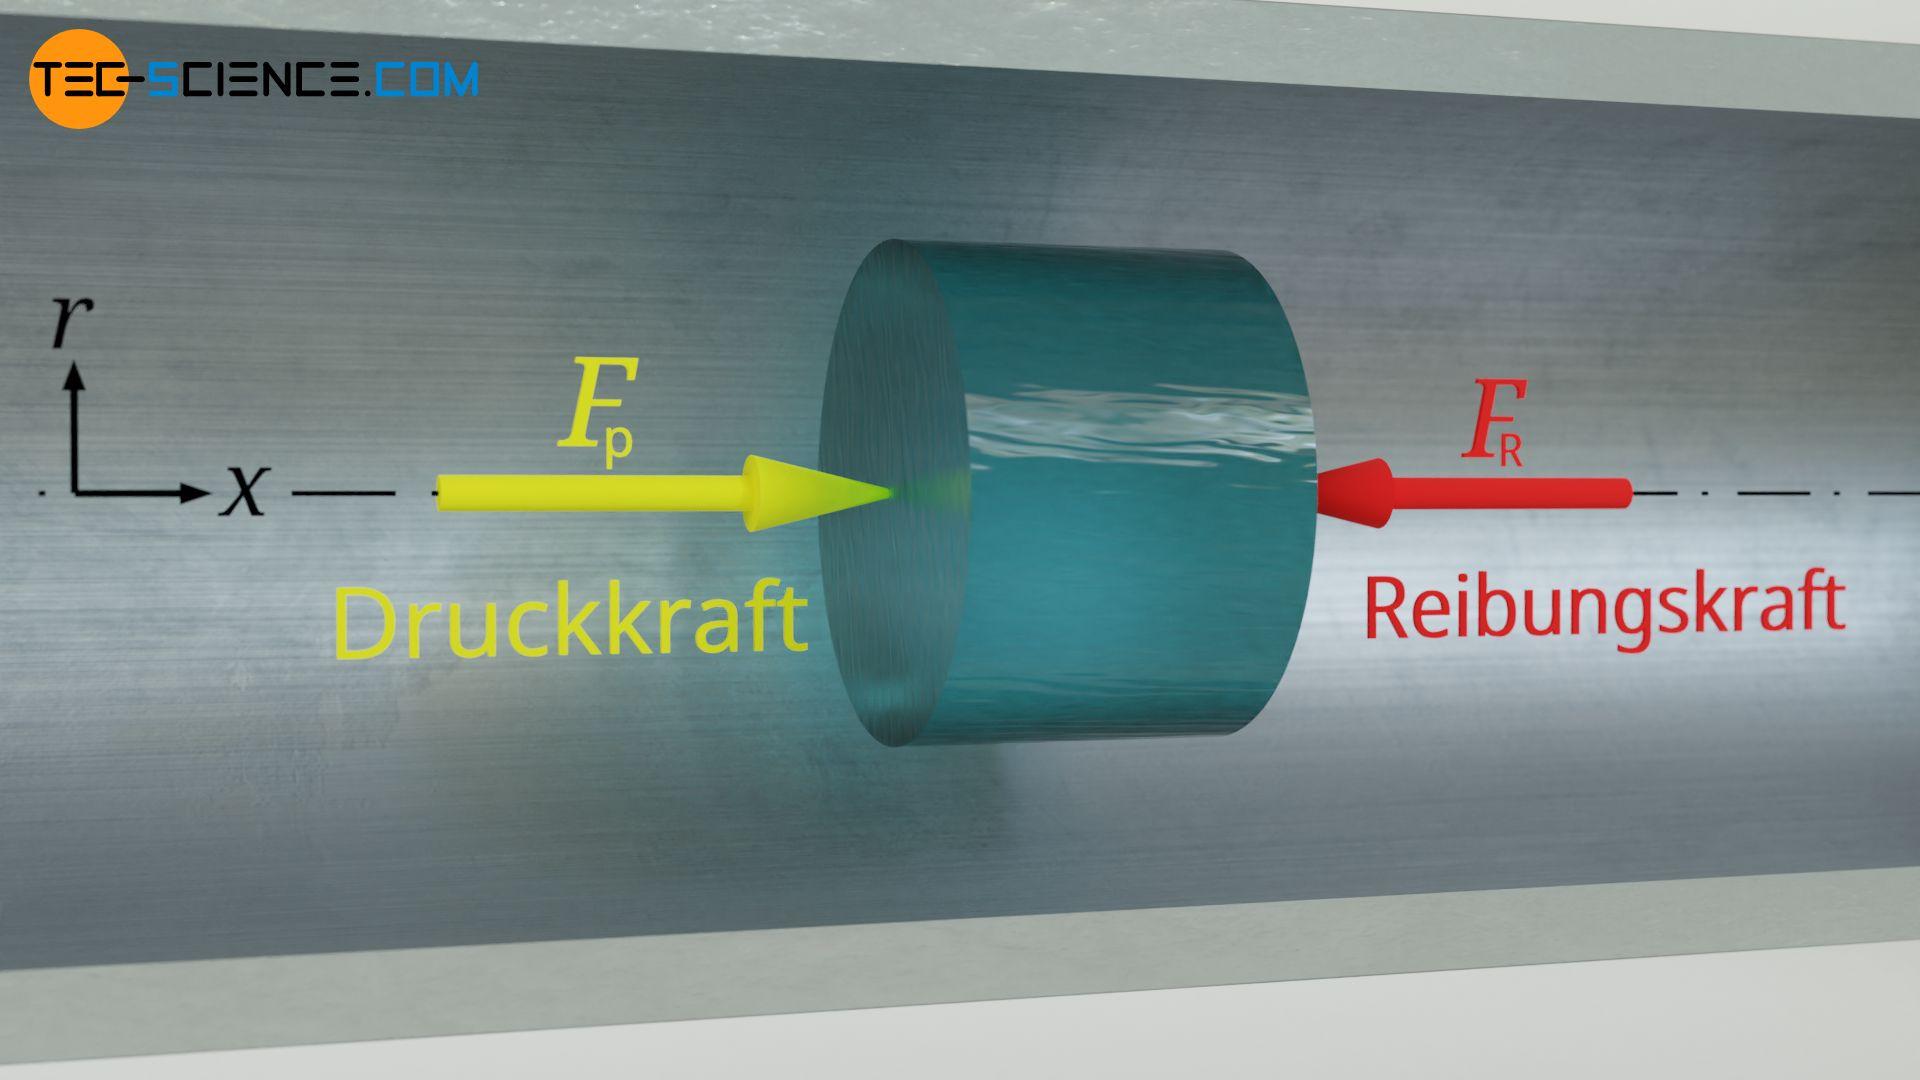 Kräftegleichgewicht zwischen Druckkraft und Reibungskraft im stationären Fall